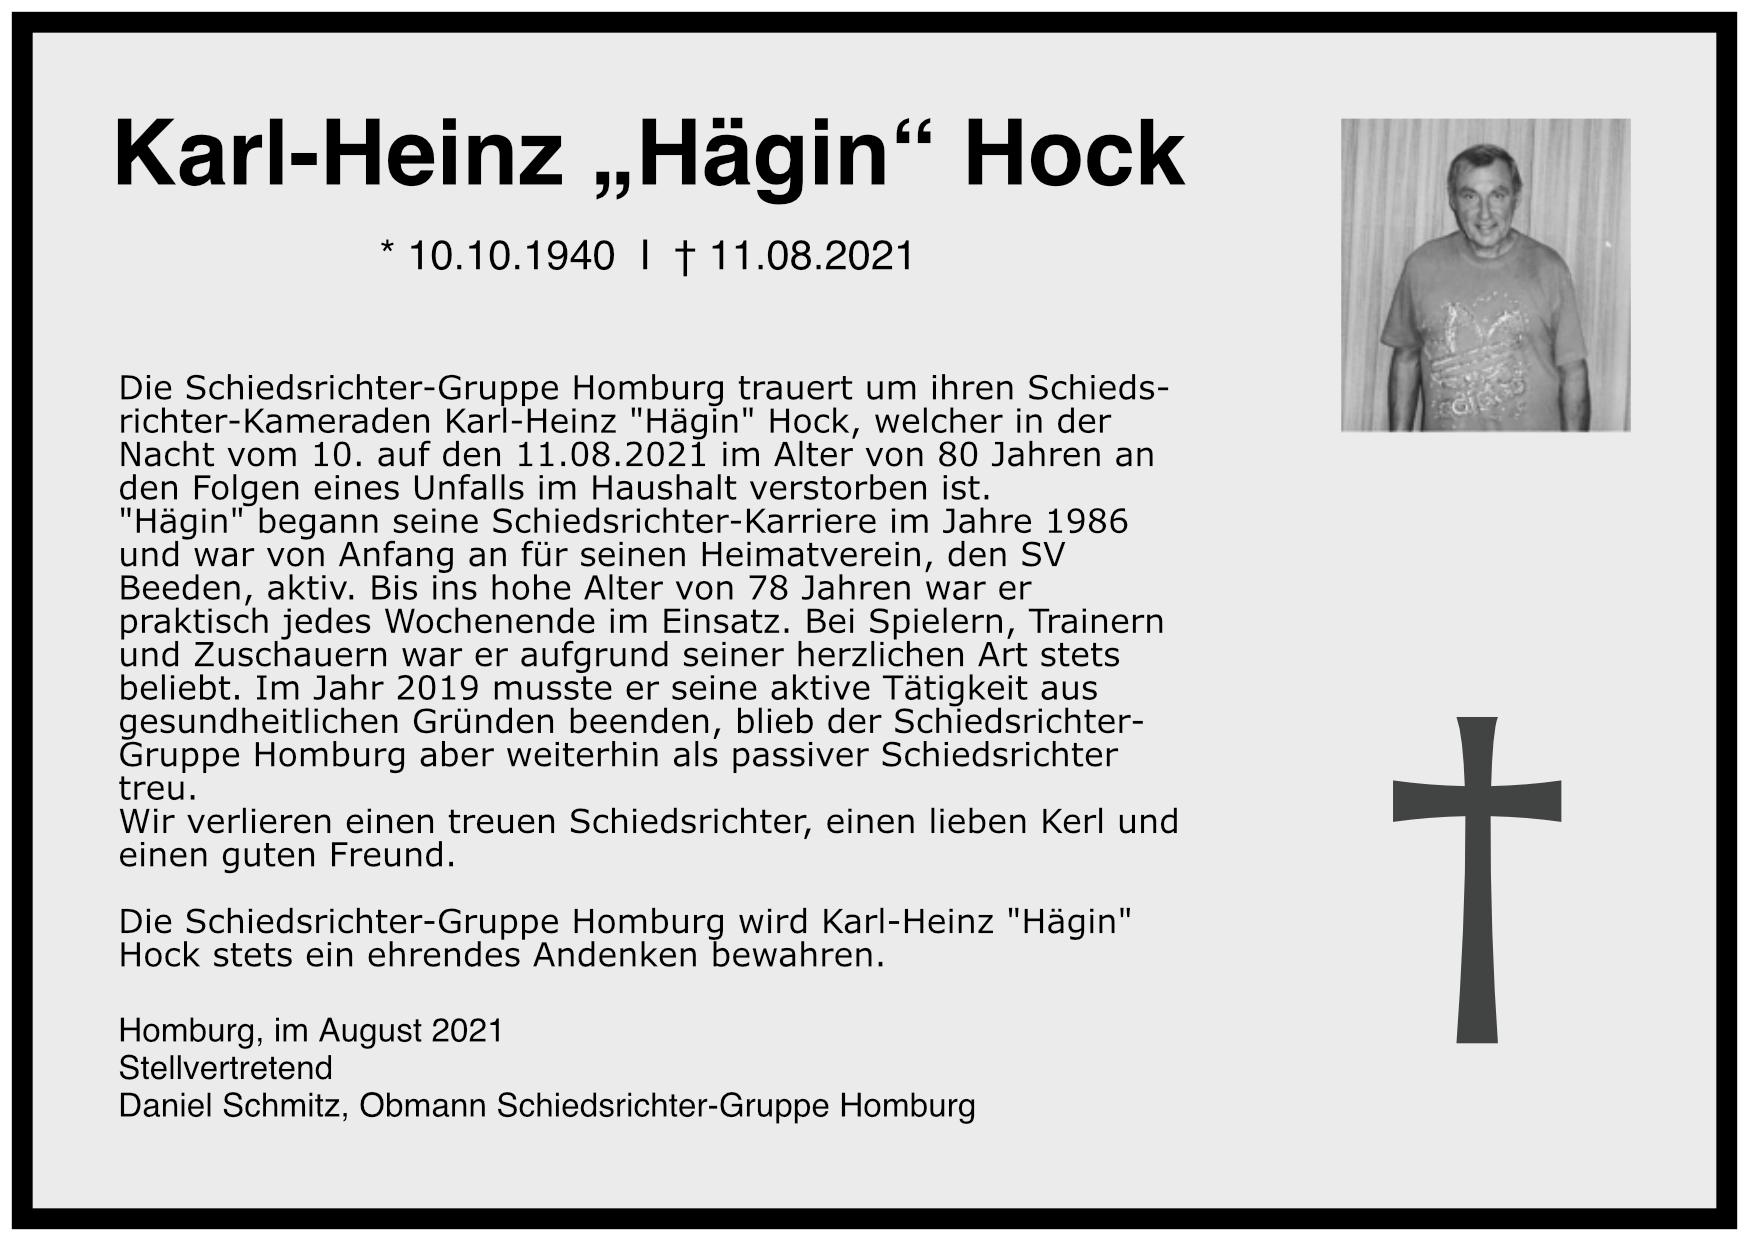 Traueranzeige Karl-Heinz Hock